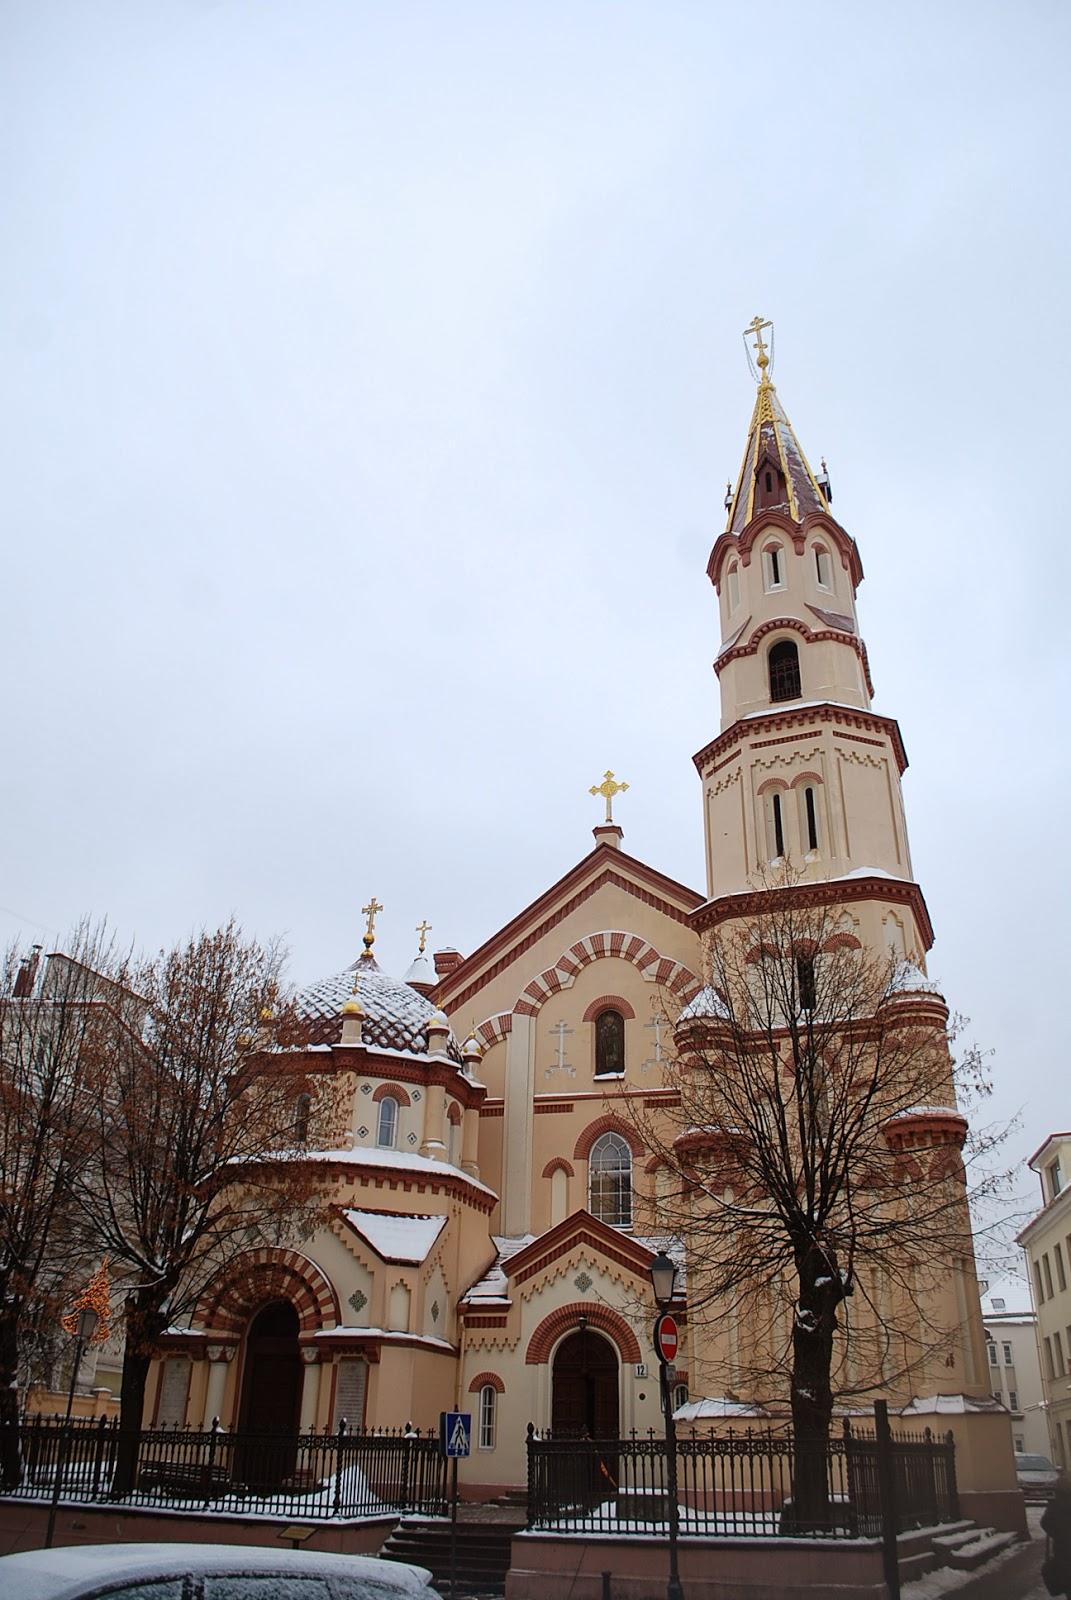 Нико́льская це́рковь, Церковь Перенесения мощей святителя Николая Чудотворца, Церковь во имя святителя Николая